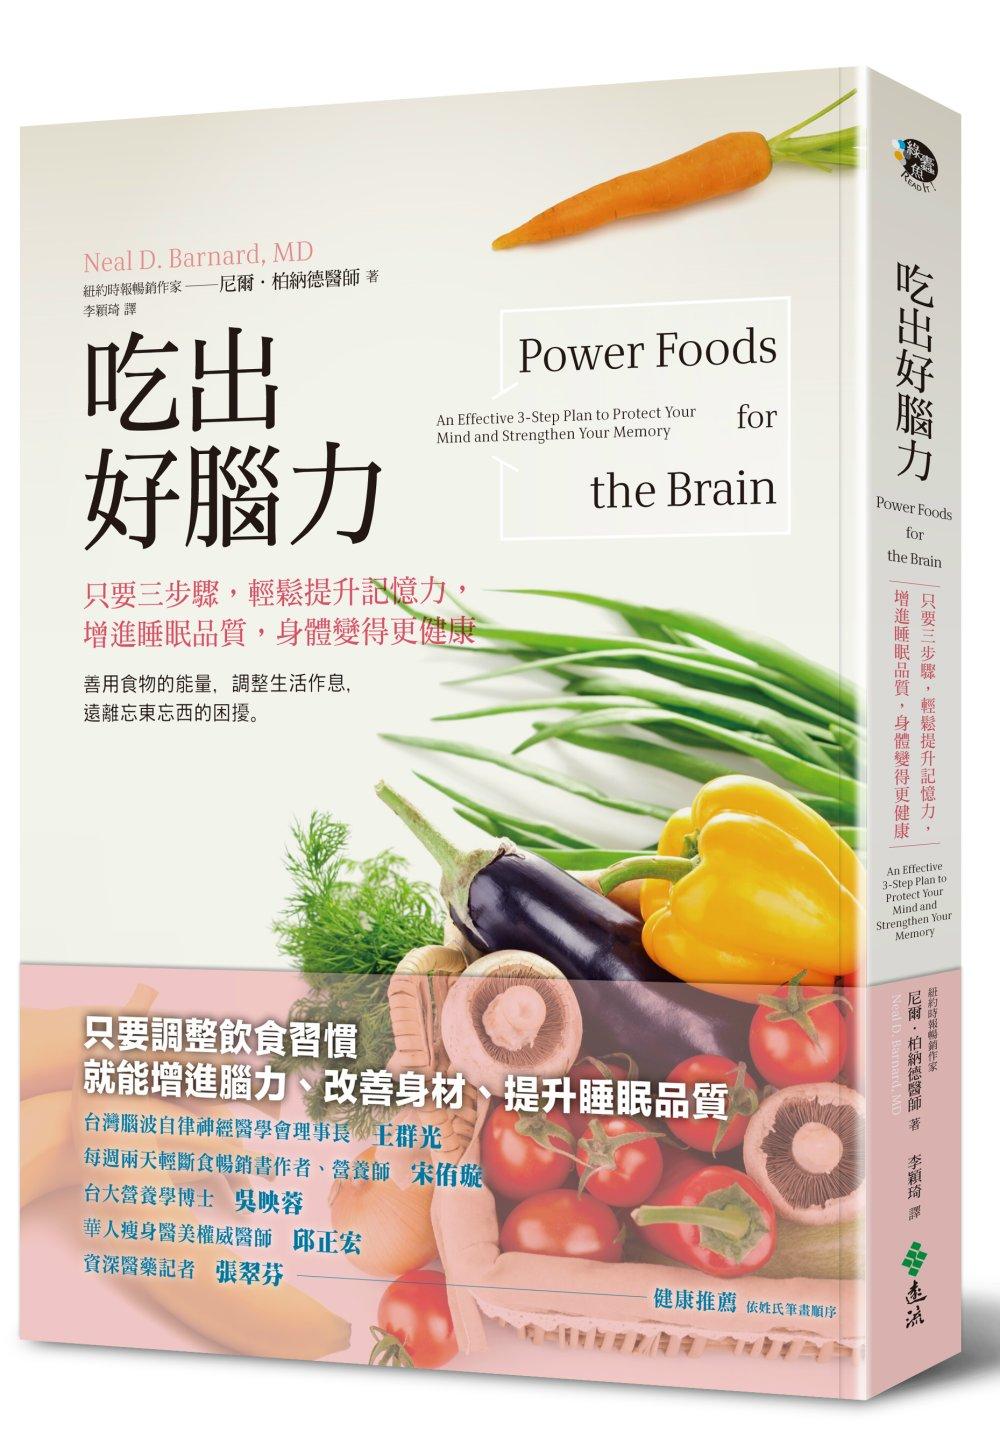 吃出好腦力:只要三步驟,輕鬆提升記憶力,增進睡眠品質,身體變得更健康